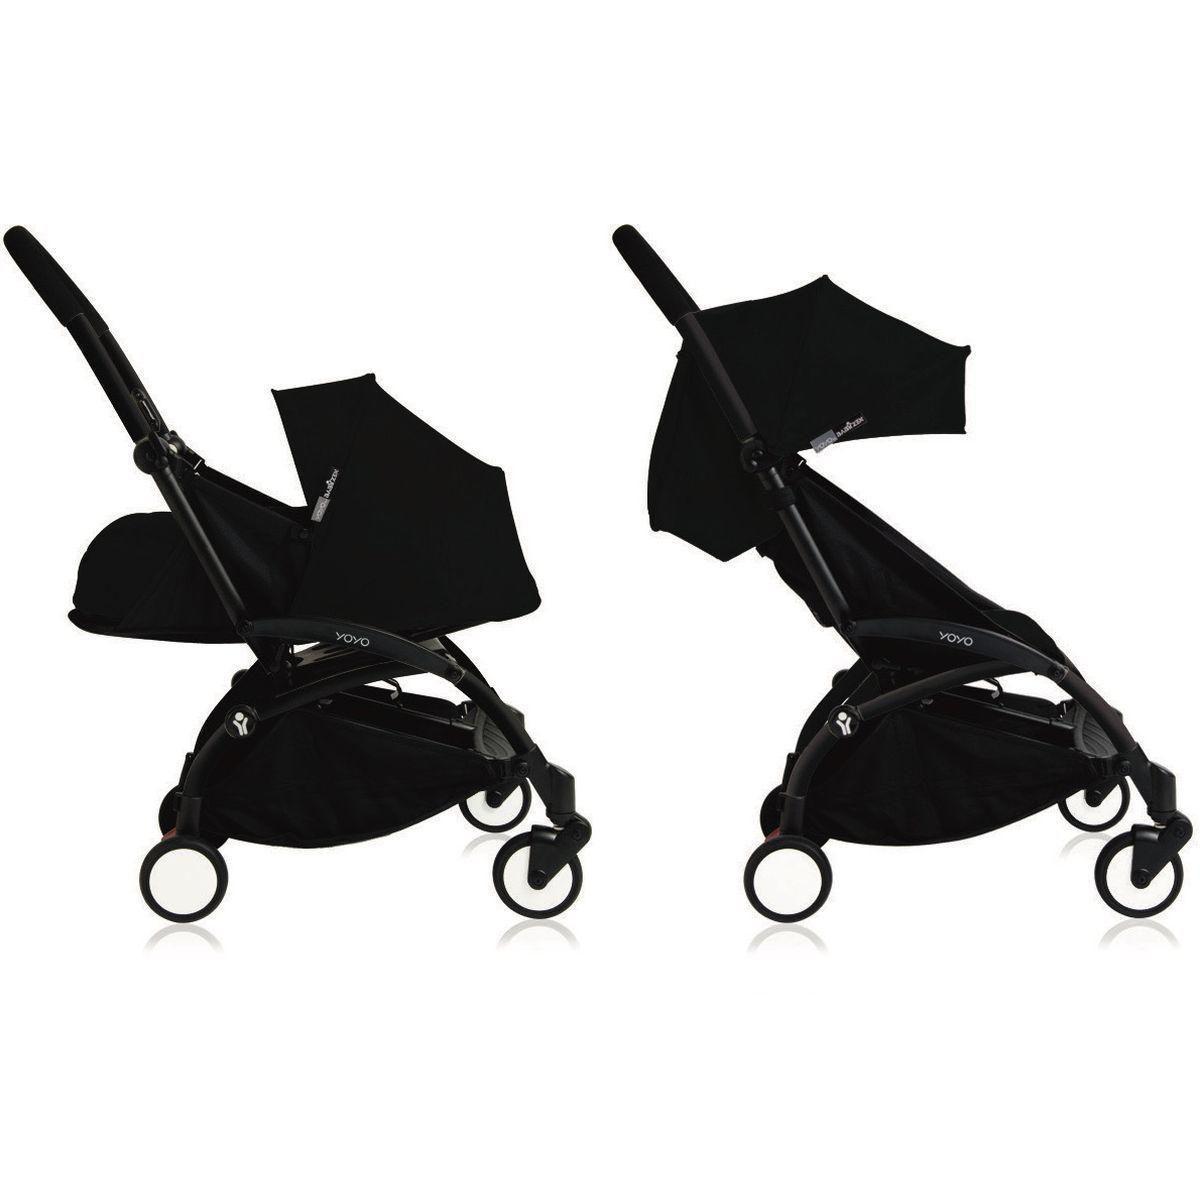 Silla paseo bebé-infantil YOYO+ 0+ a 6+ Babyzen negro